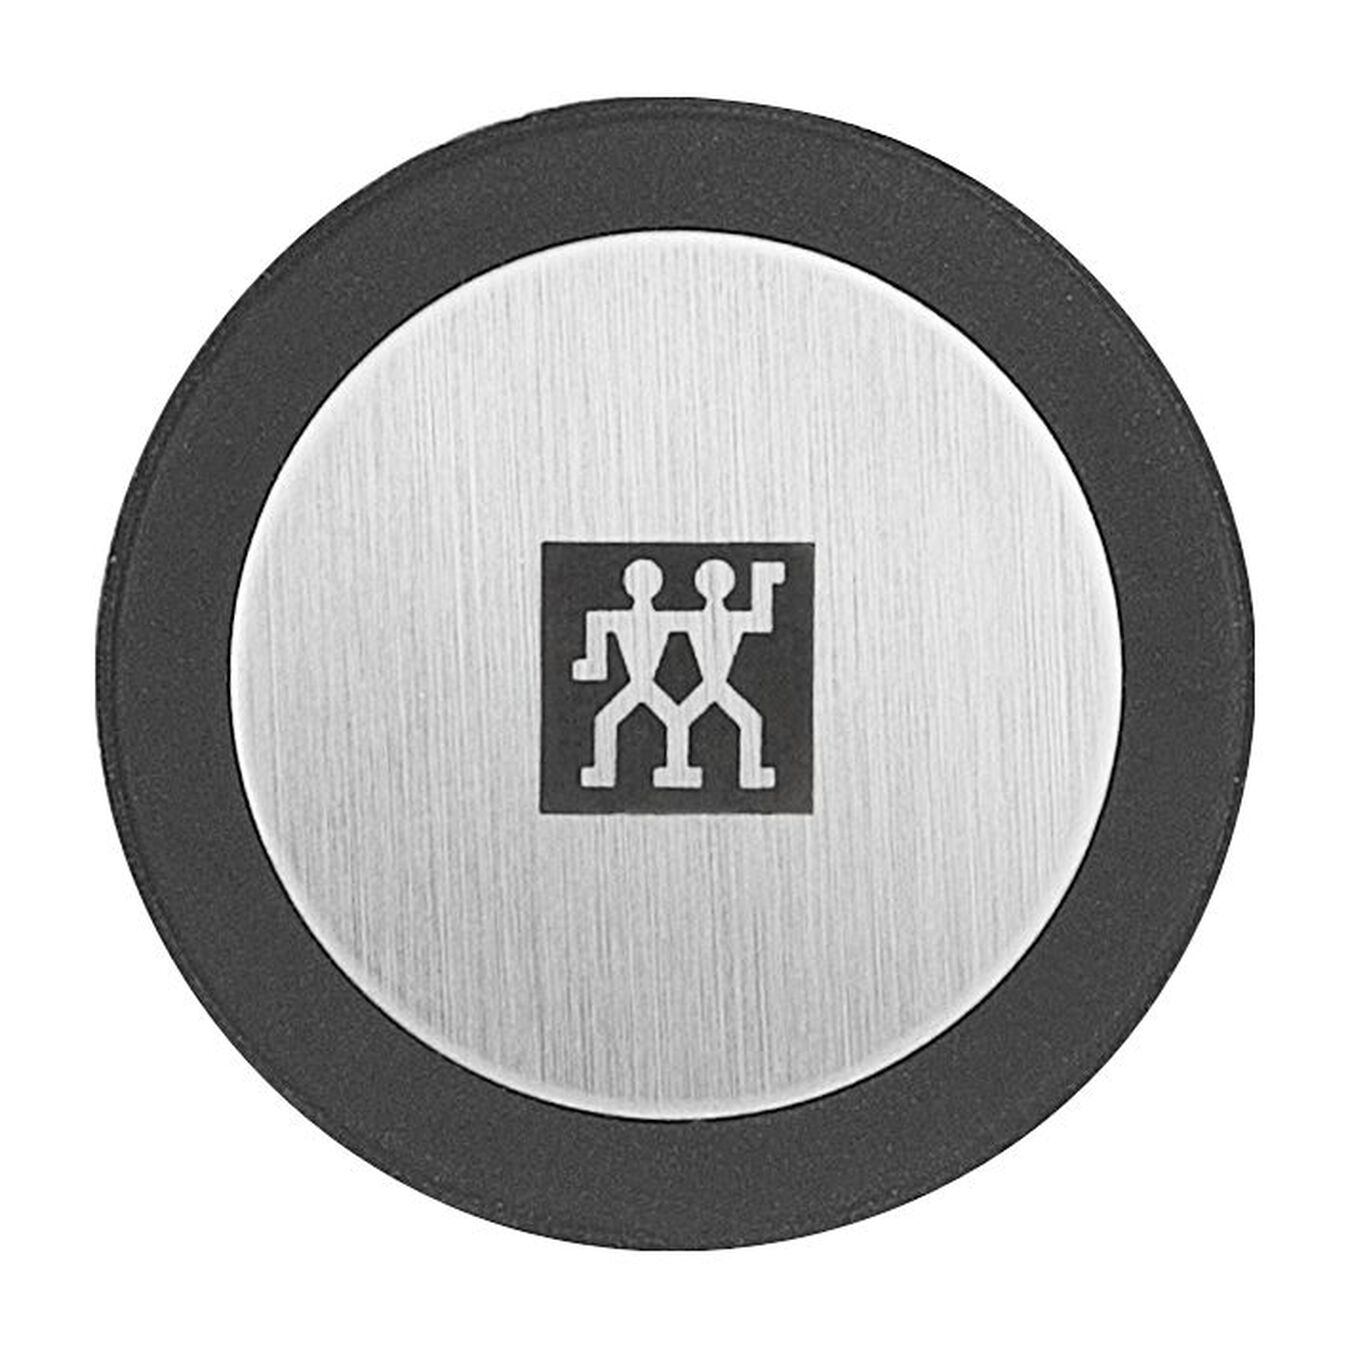 Decanter - 13 cm, acciaio inox,,large 3